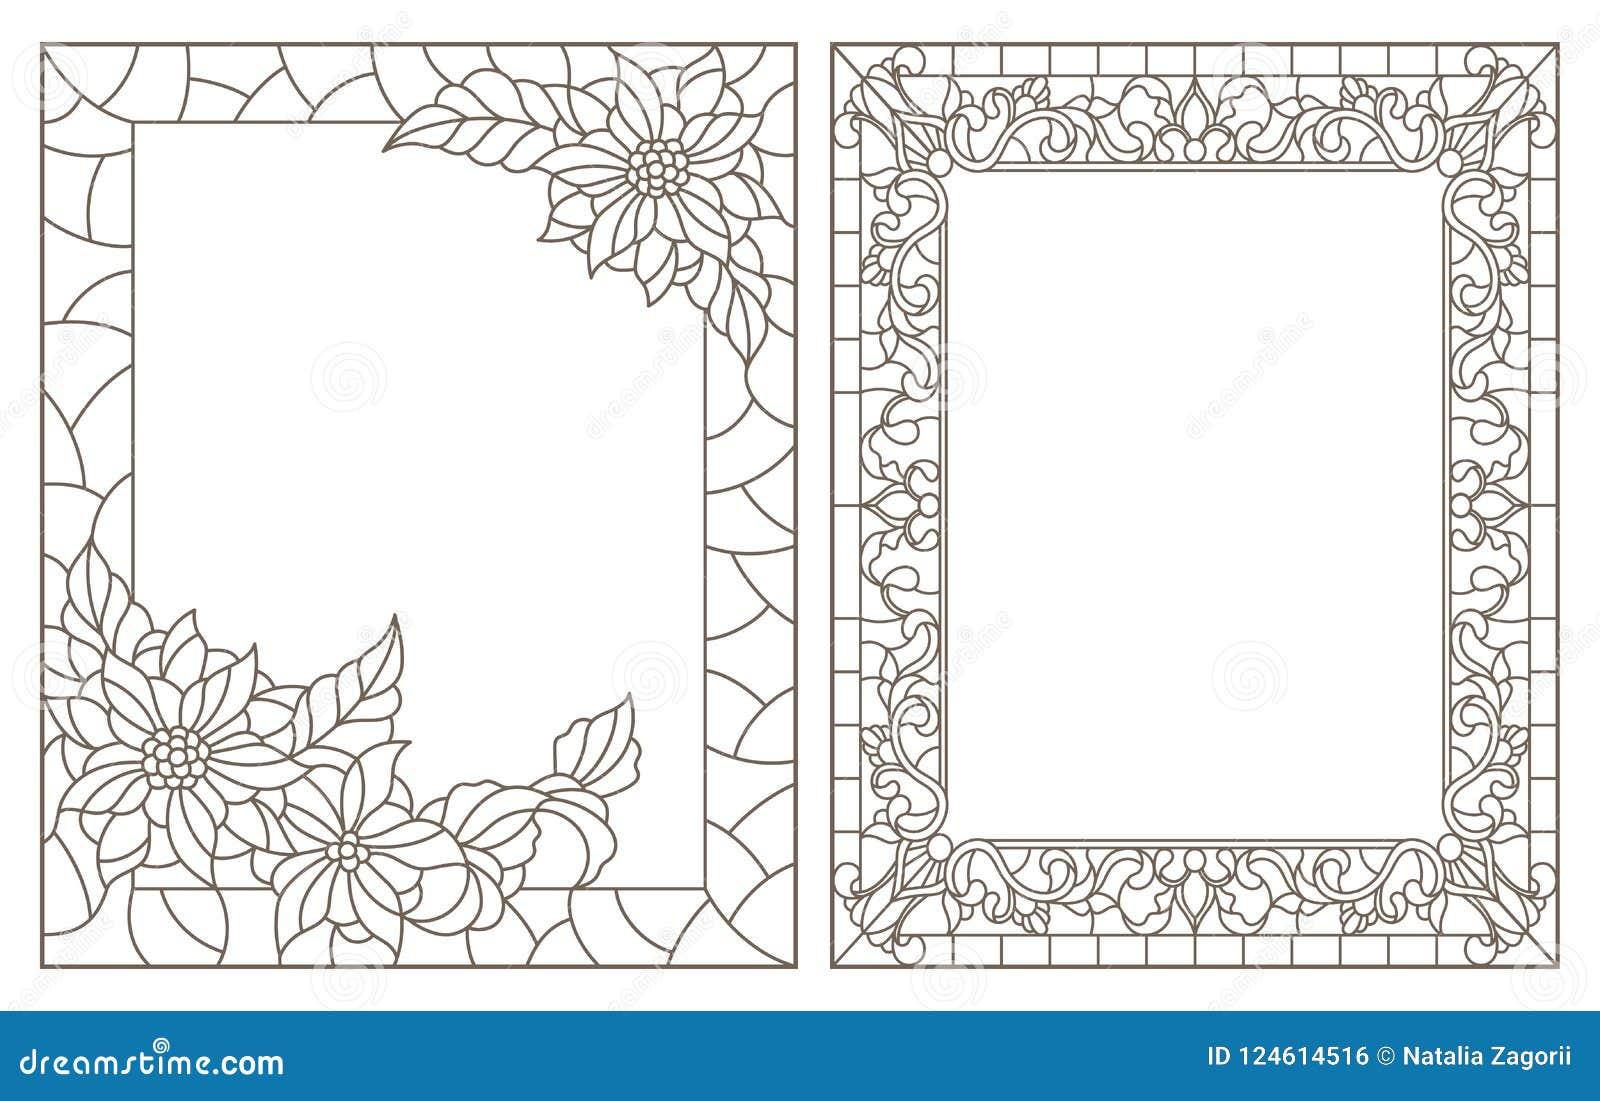 La découpe a placé avec les illustrations du verre souillé avec le cadre floral, contours foncés sur le fond blanc